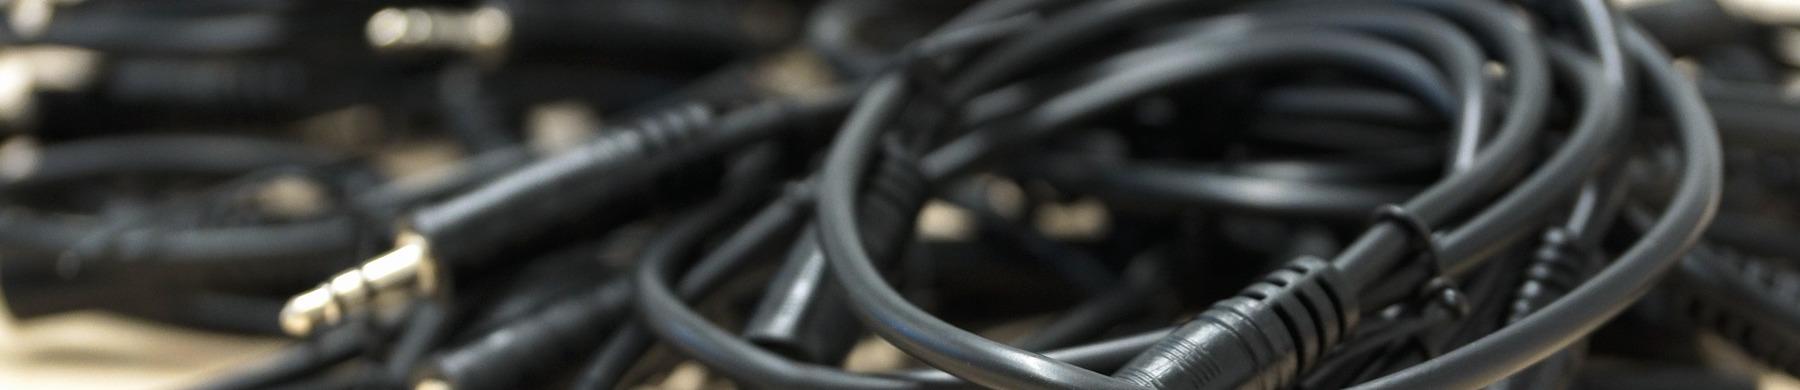 Kablage med kontakter